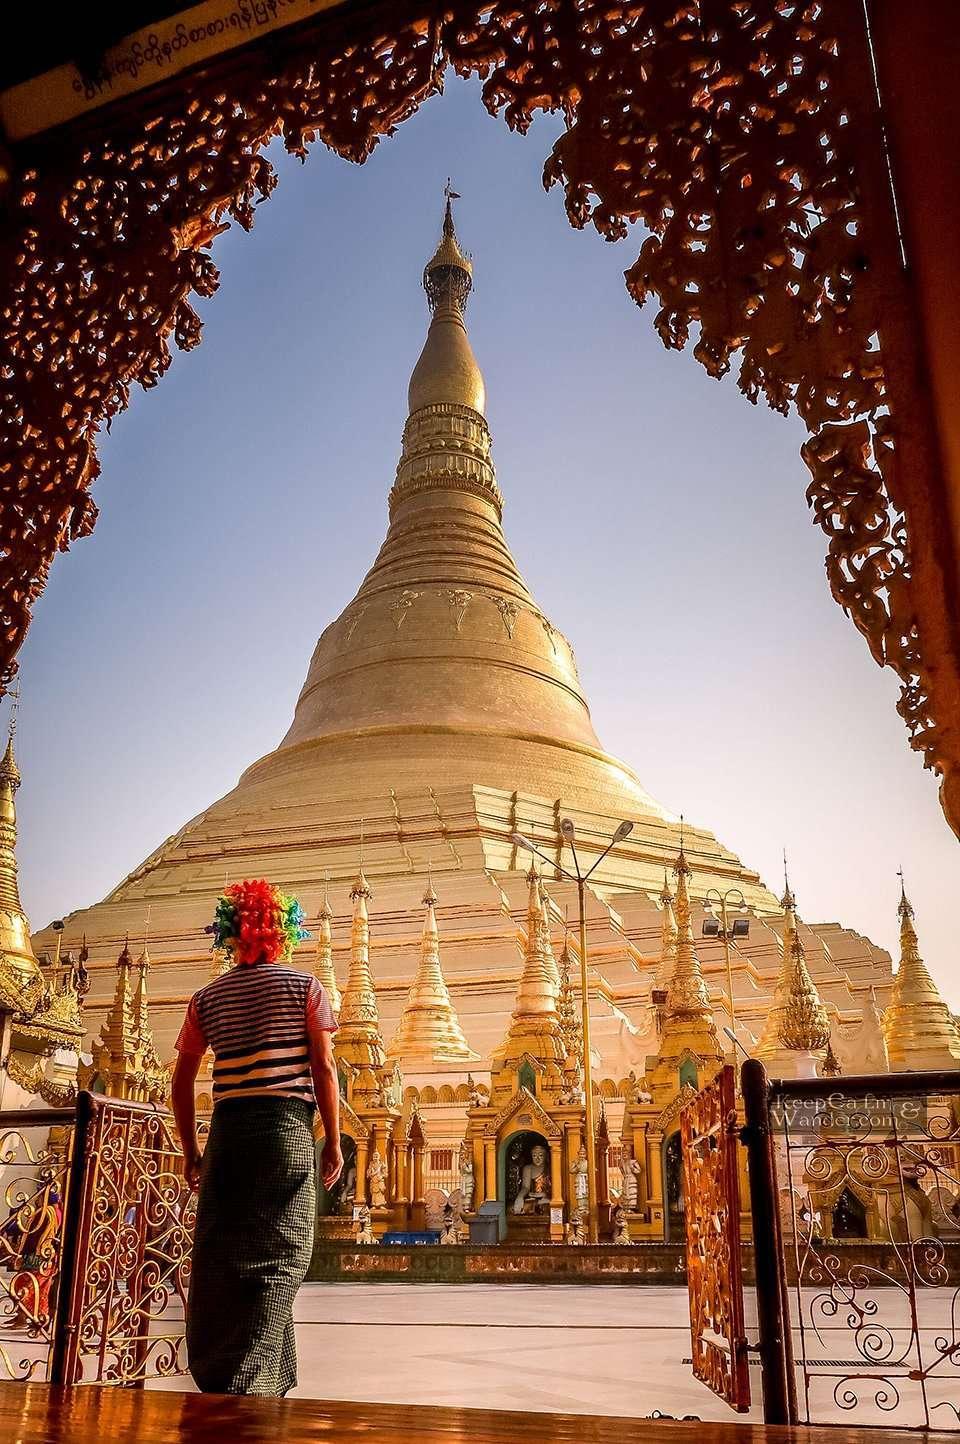 The Golden Pagoda in Yangon, Myanmar